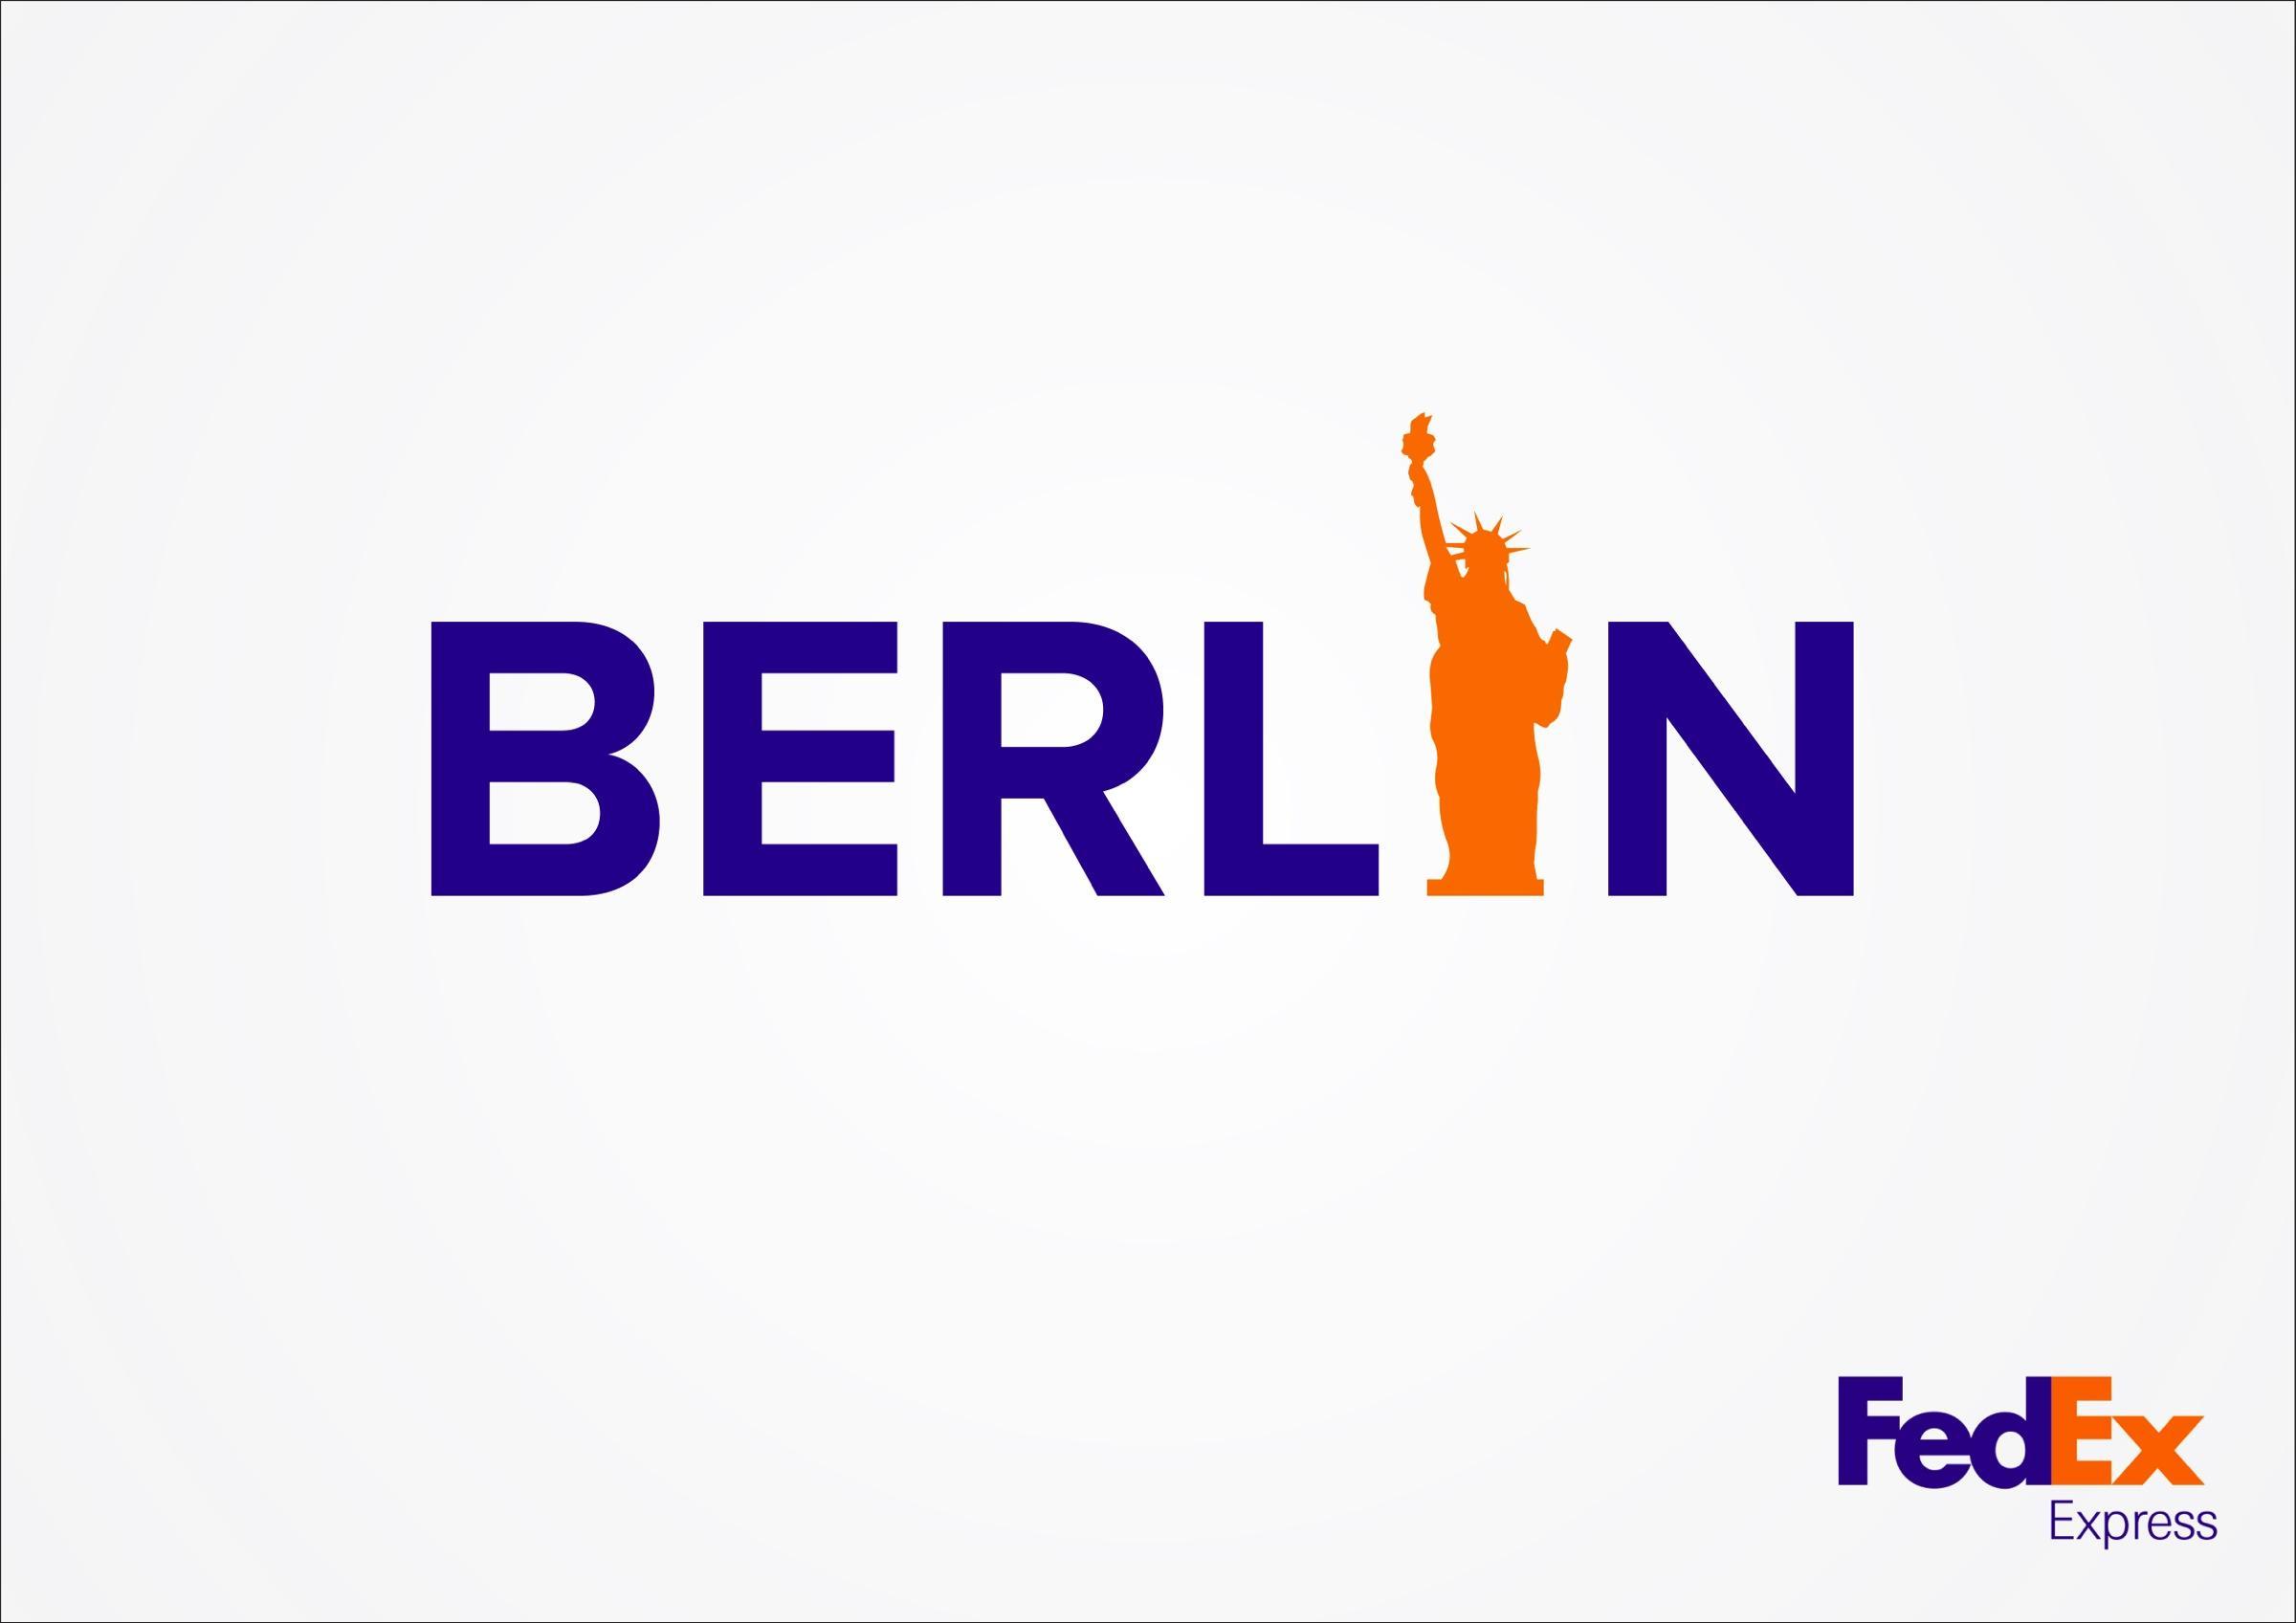 FedEx Print Ad -  Berlin-NYC